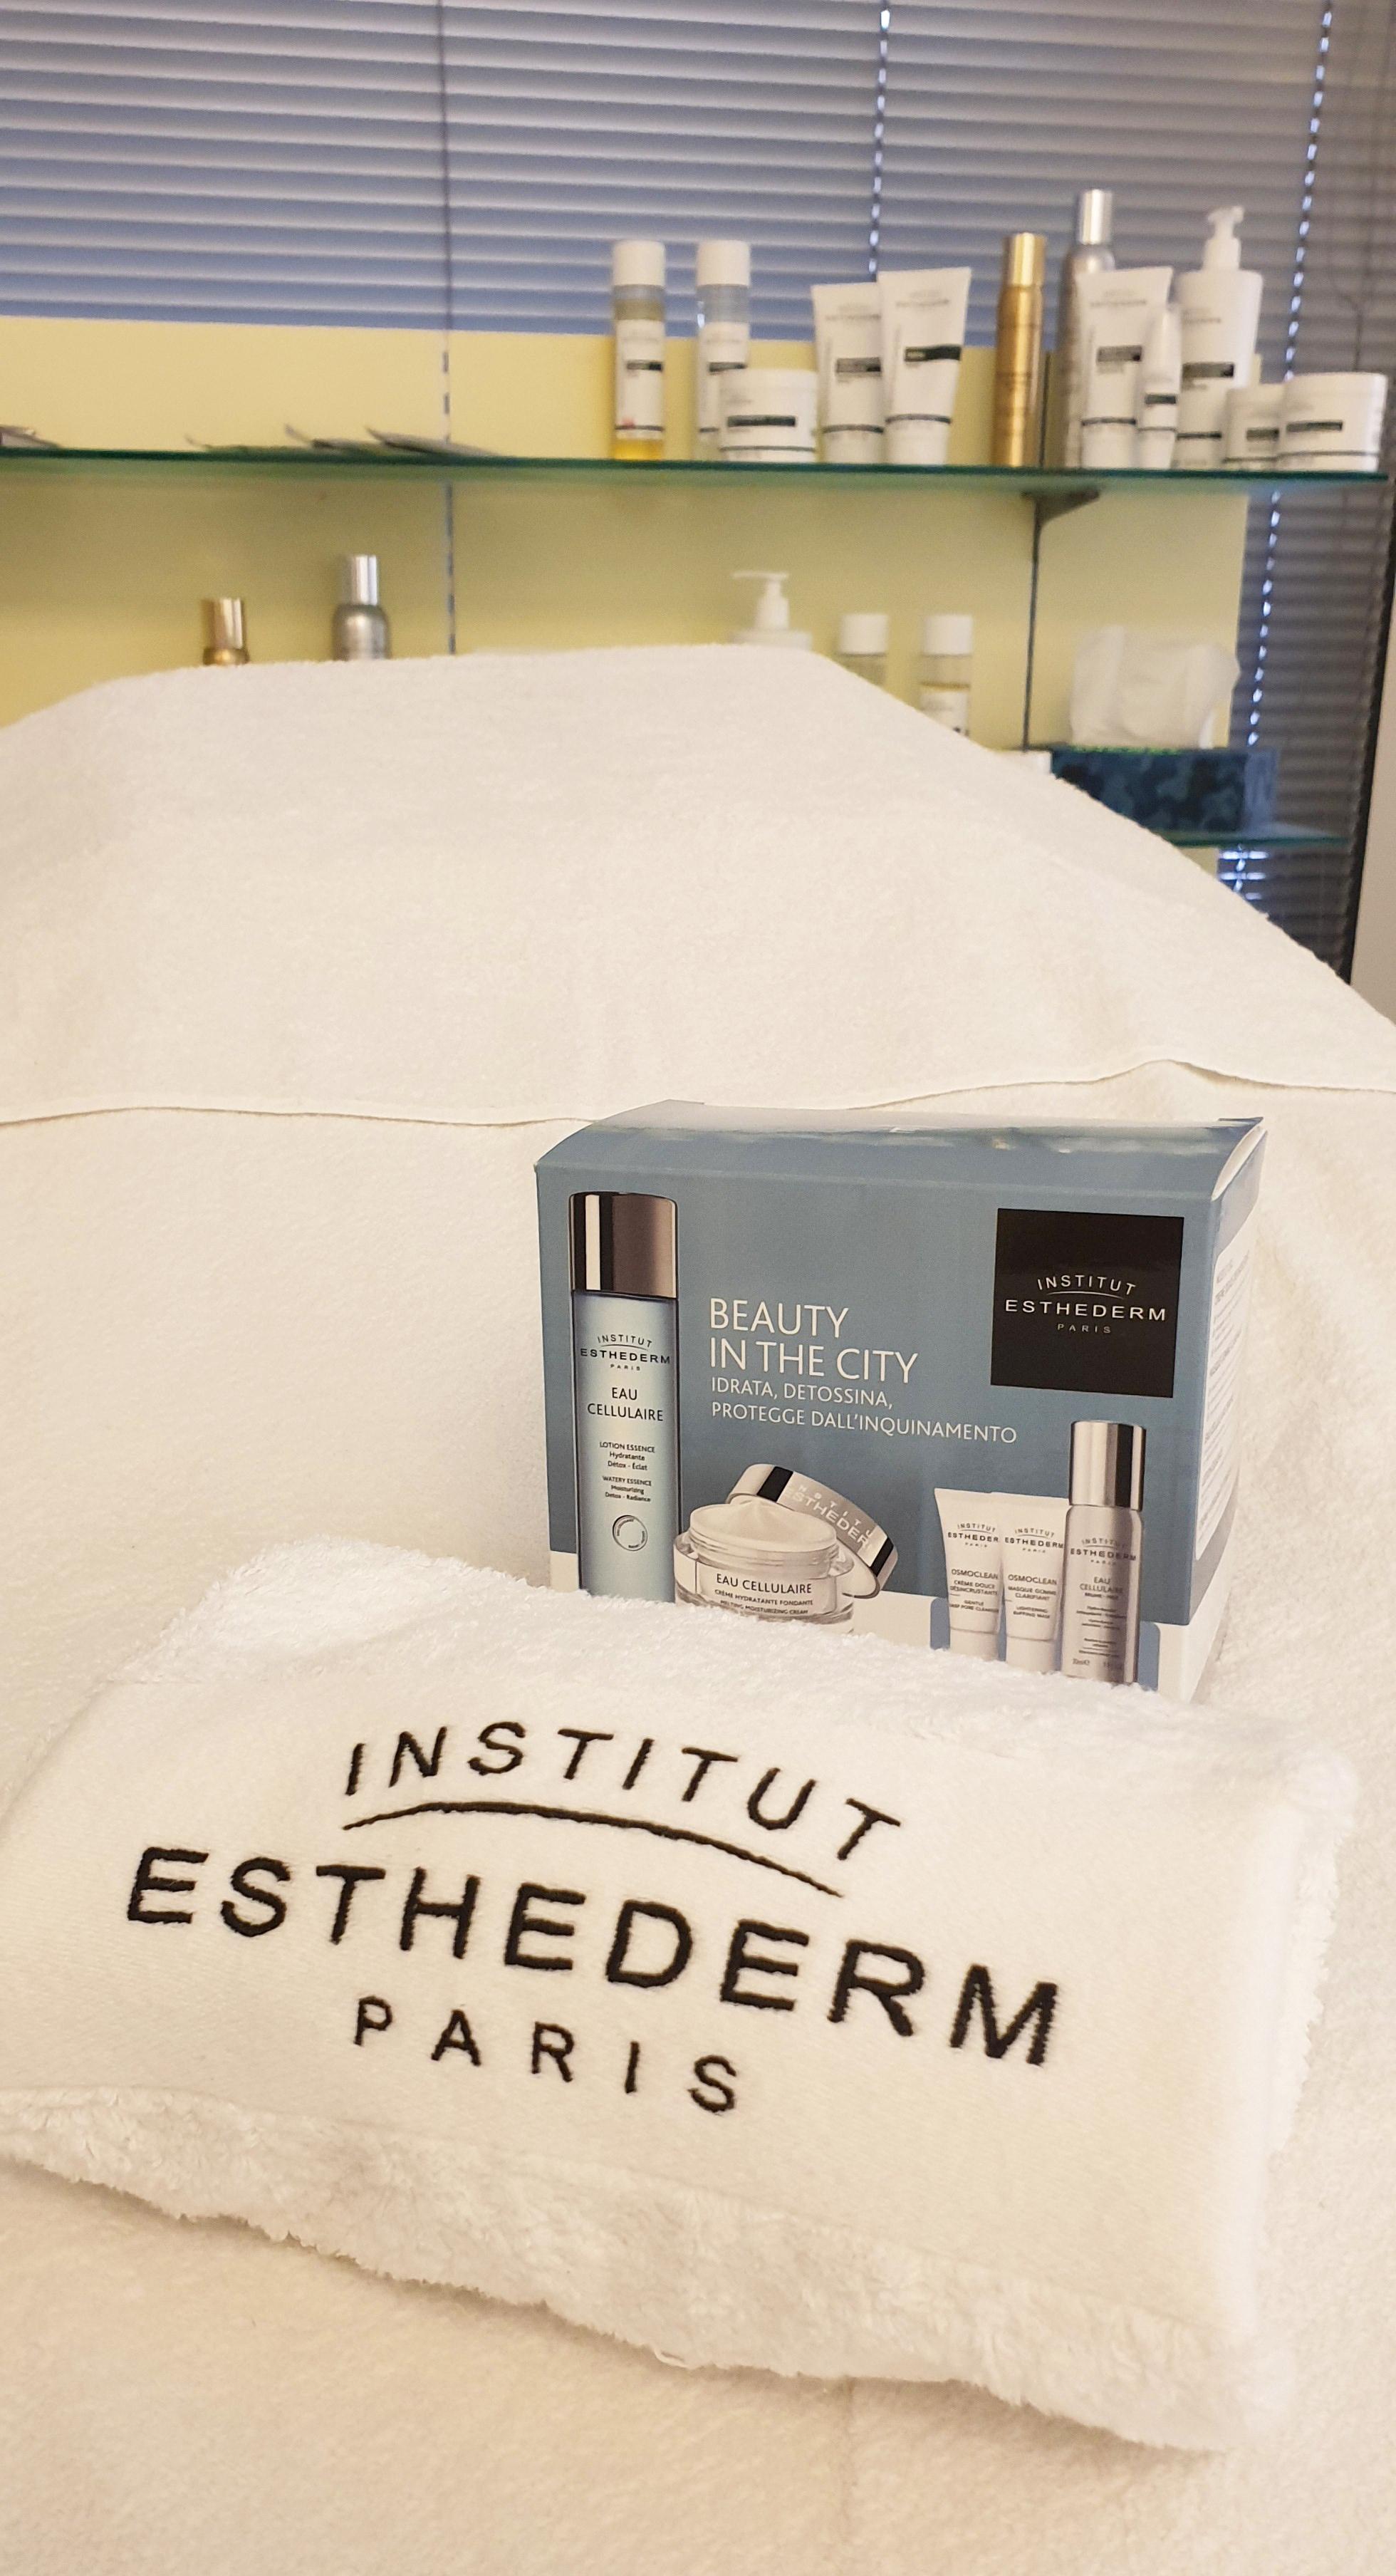 Alla scoperta di Institut Esthederm e dei suoi trattamenti